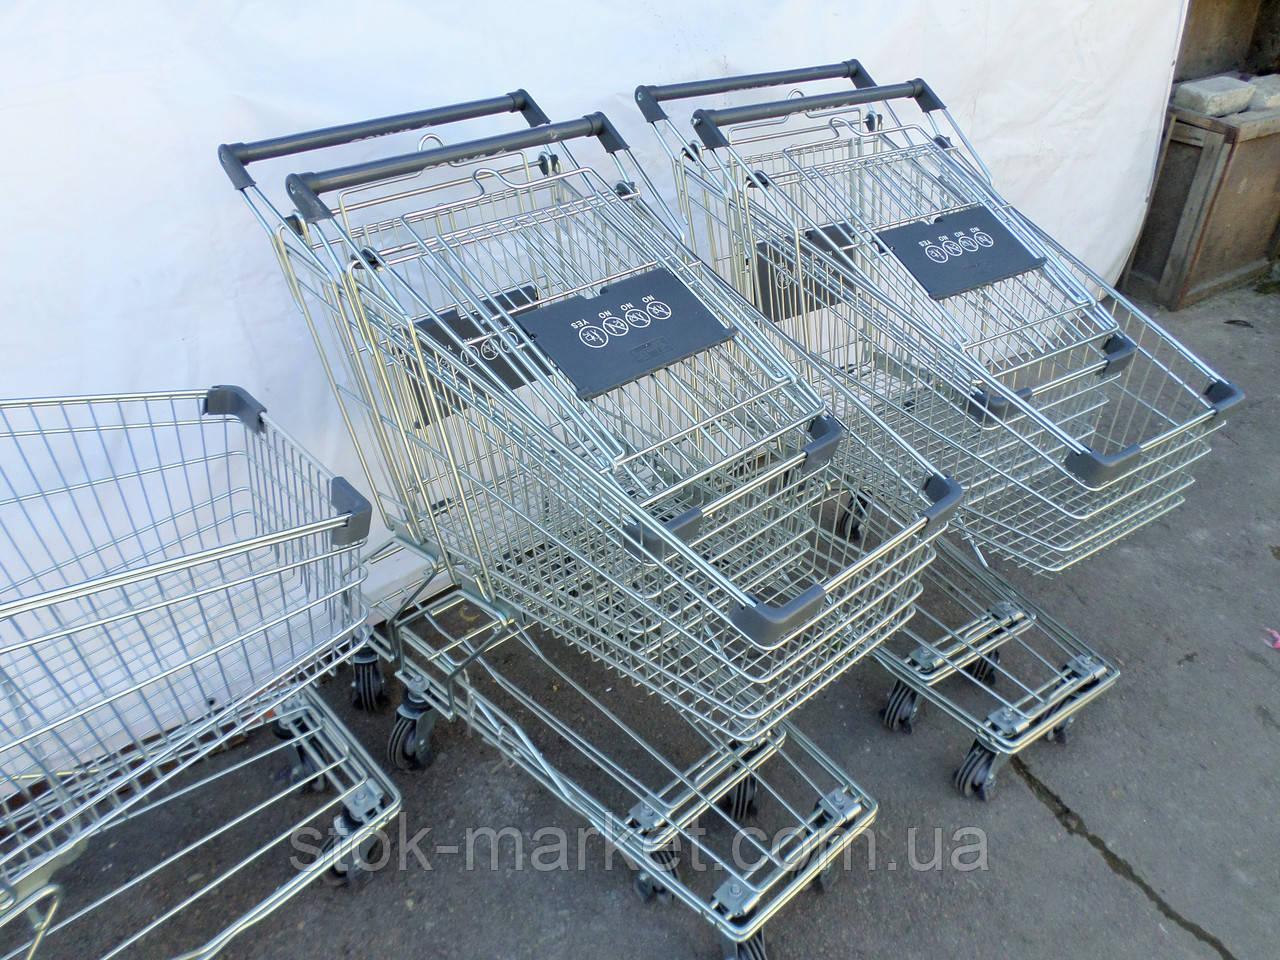 Тележки для самообслуживания, торговые тележки, тележки для супермаркетов, тележки